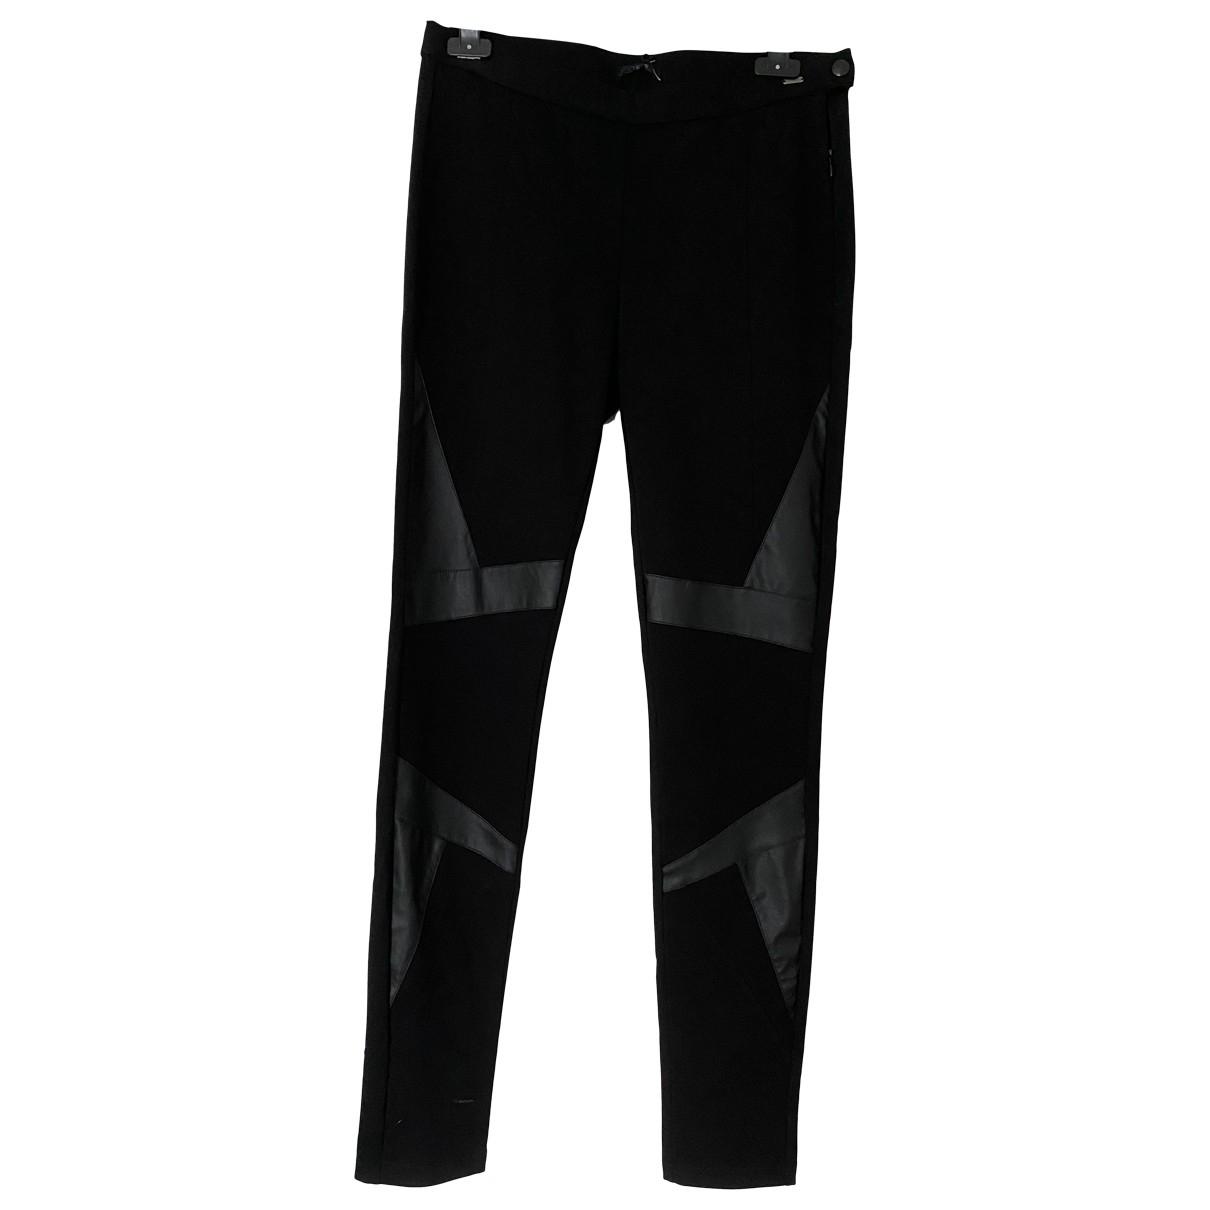 Ikks \N Black Trousers for Women 40 FR